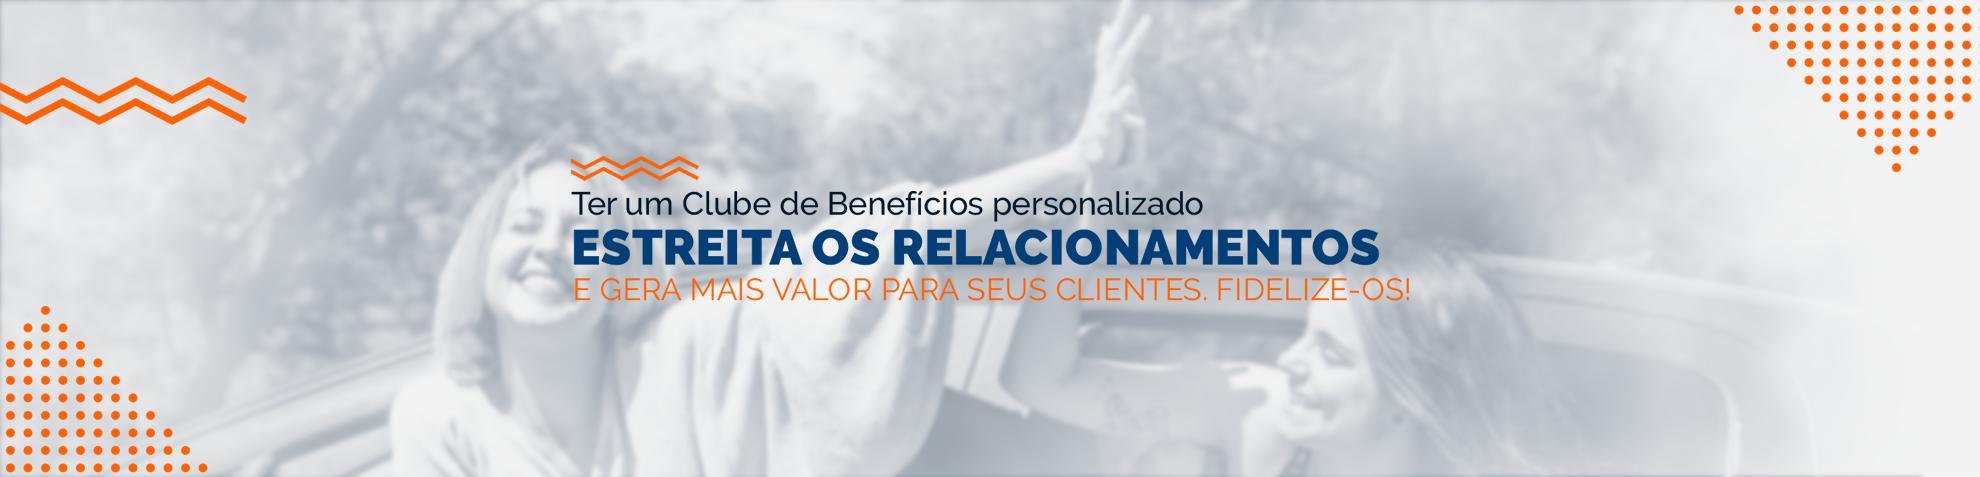 Criamos-e-gerenciamos-Clubes-de-Beneficios-personalizados-para-sua-empresa_ok_02-2